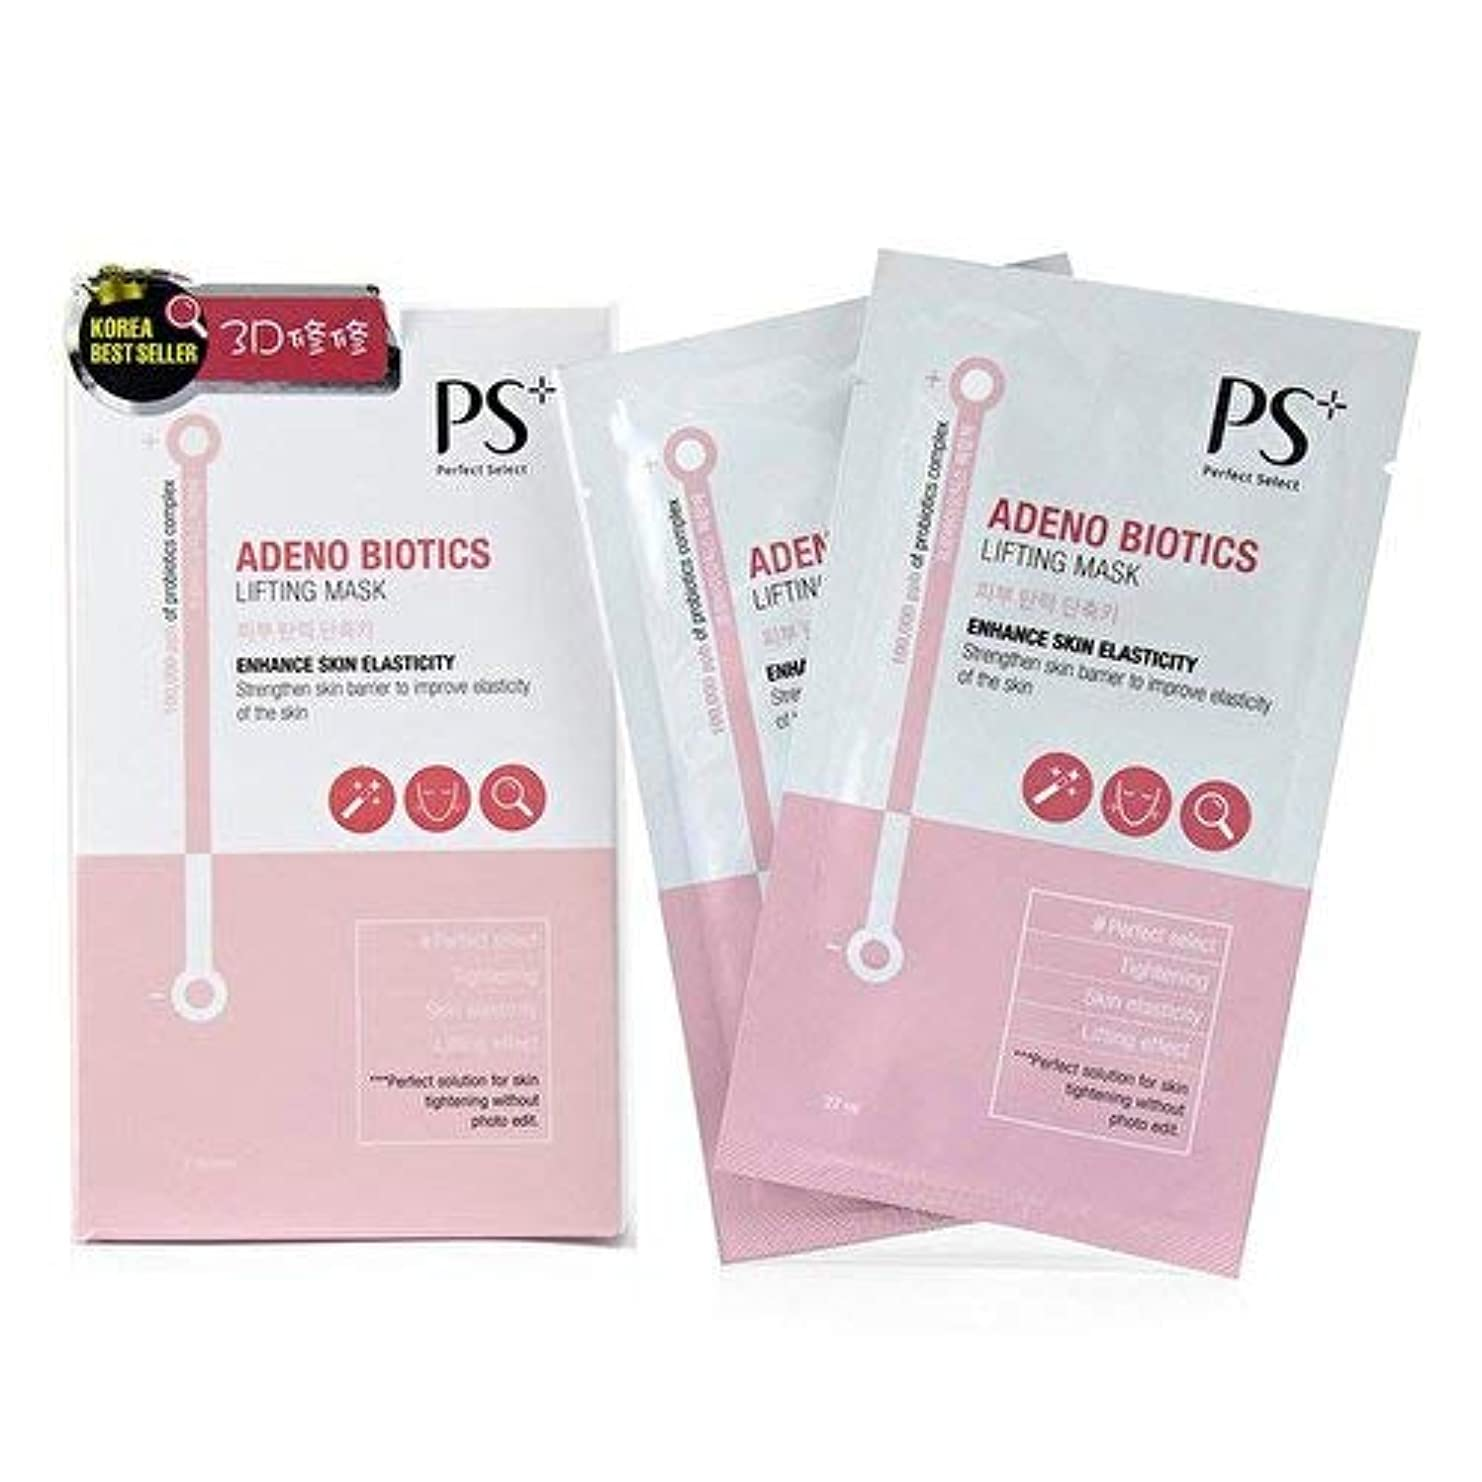 穀物受け入れた主婦PS Perfect Select Adeno Biotics Lifting Mask - Enhance Skin Elasticity 7pcs並行輸入品